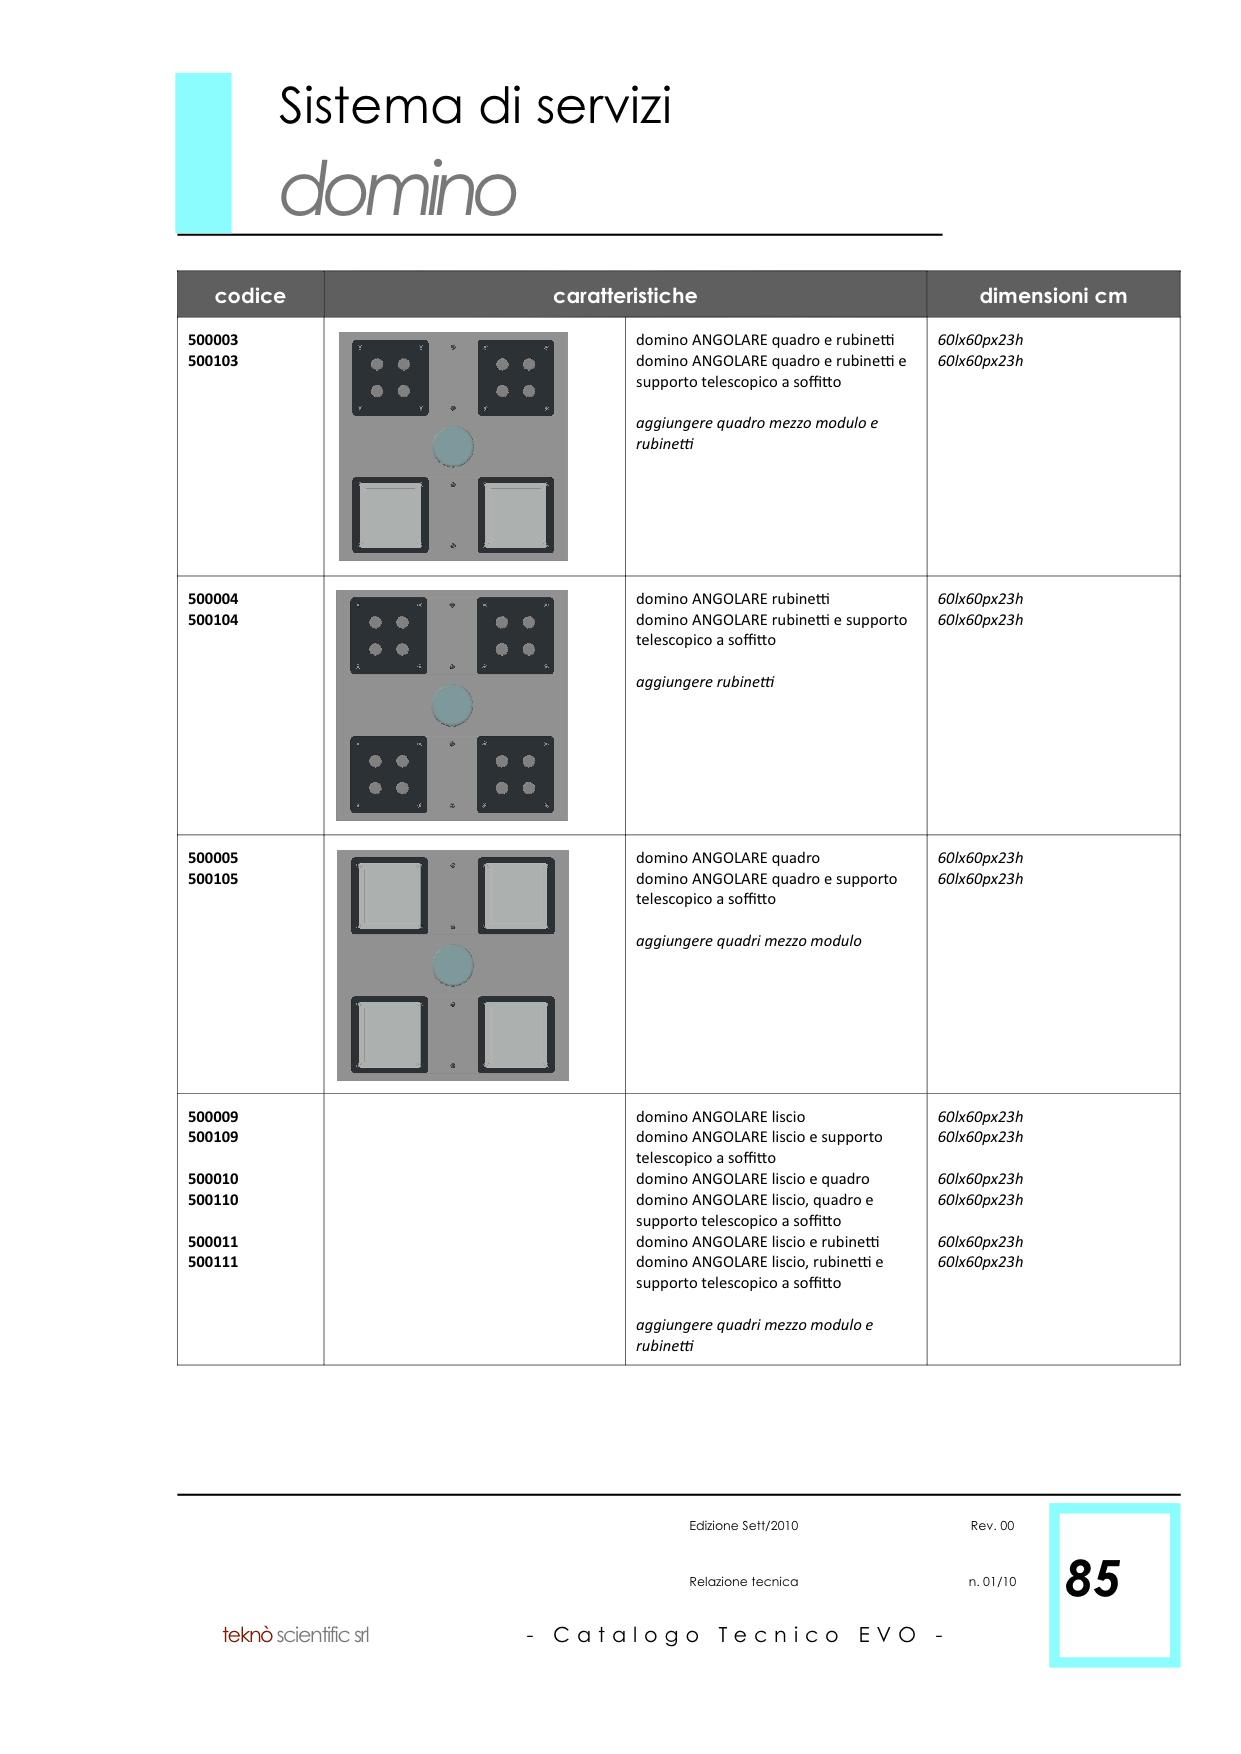 EVO Catalogo Tecnico Generale copia 85.png